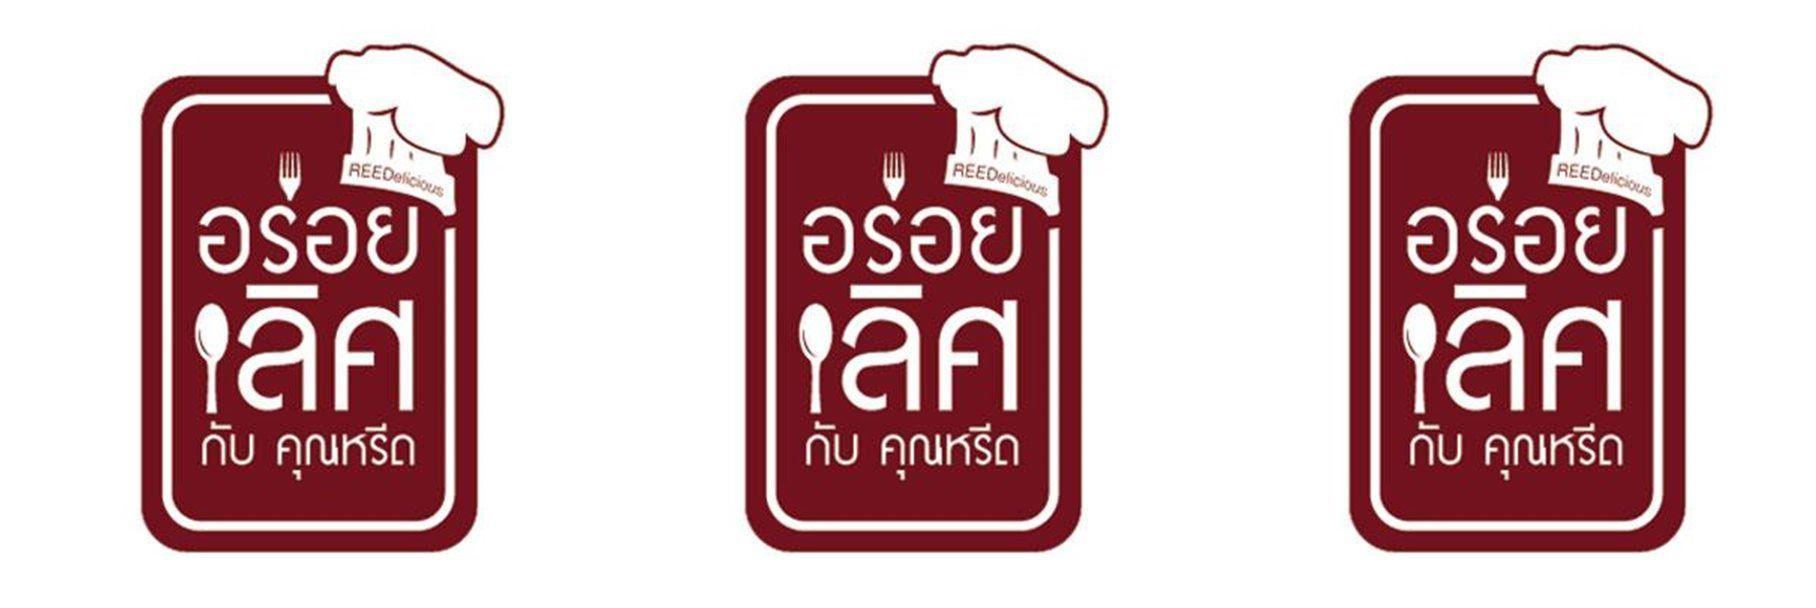 ดูรายการย้อนหลัง อาหารฝรั่งเศษแบบคลาสสิก Artur Restaurant | อร่อยเลิศกับคุณหรีด I 6 มิ.ย. 62